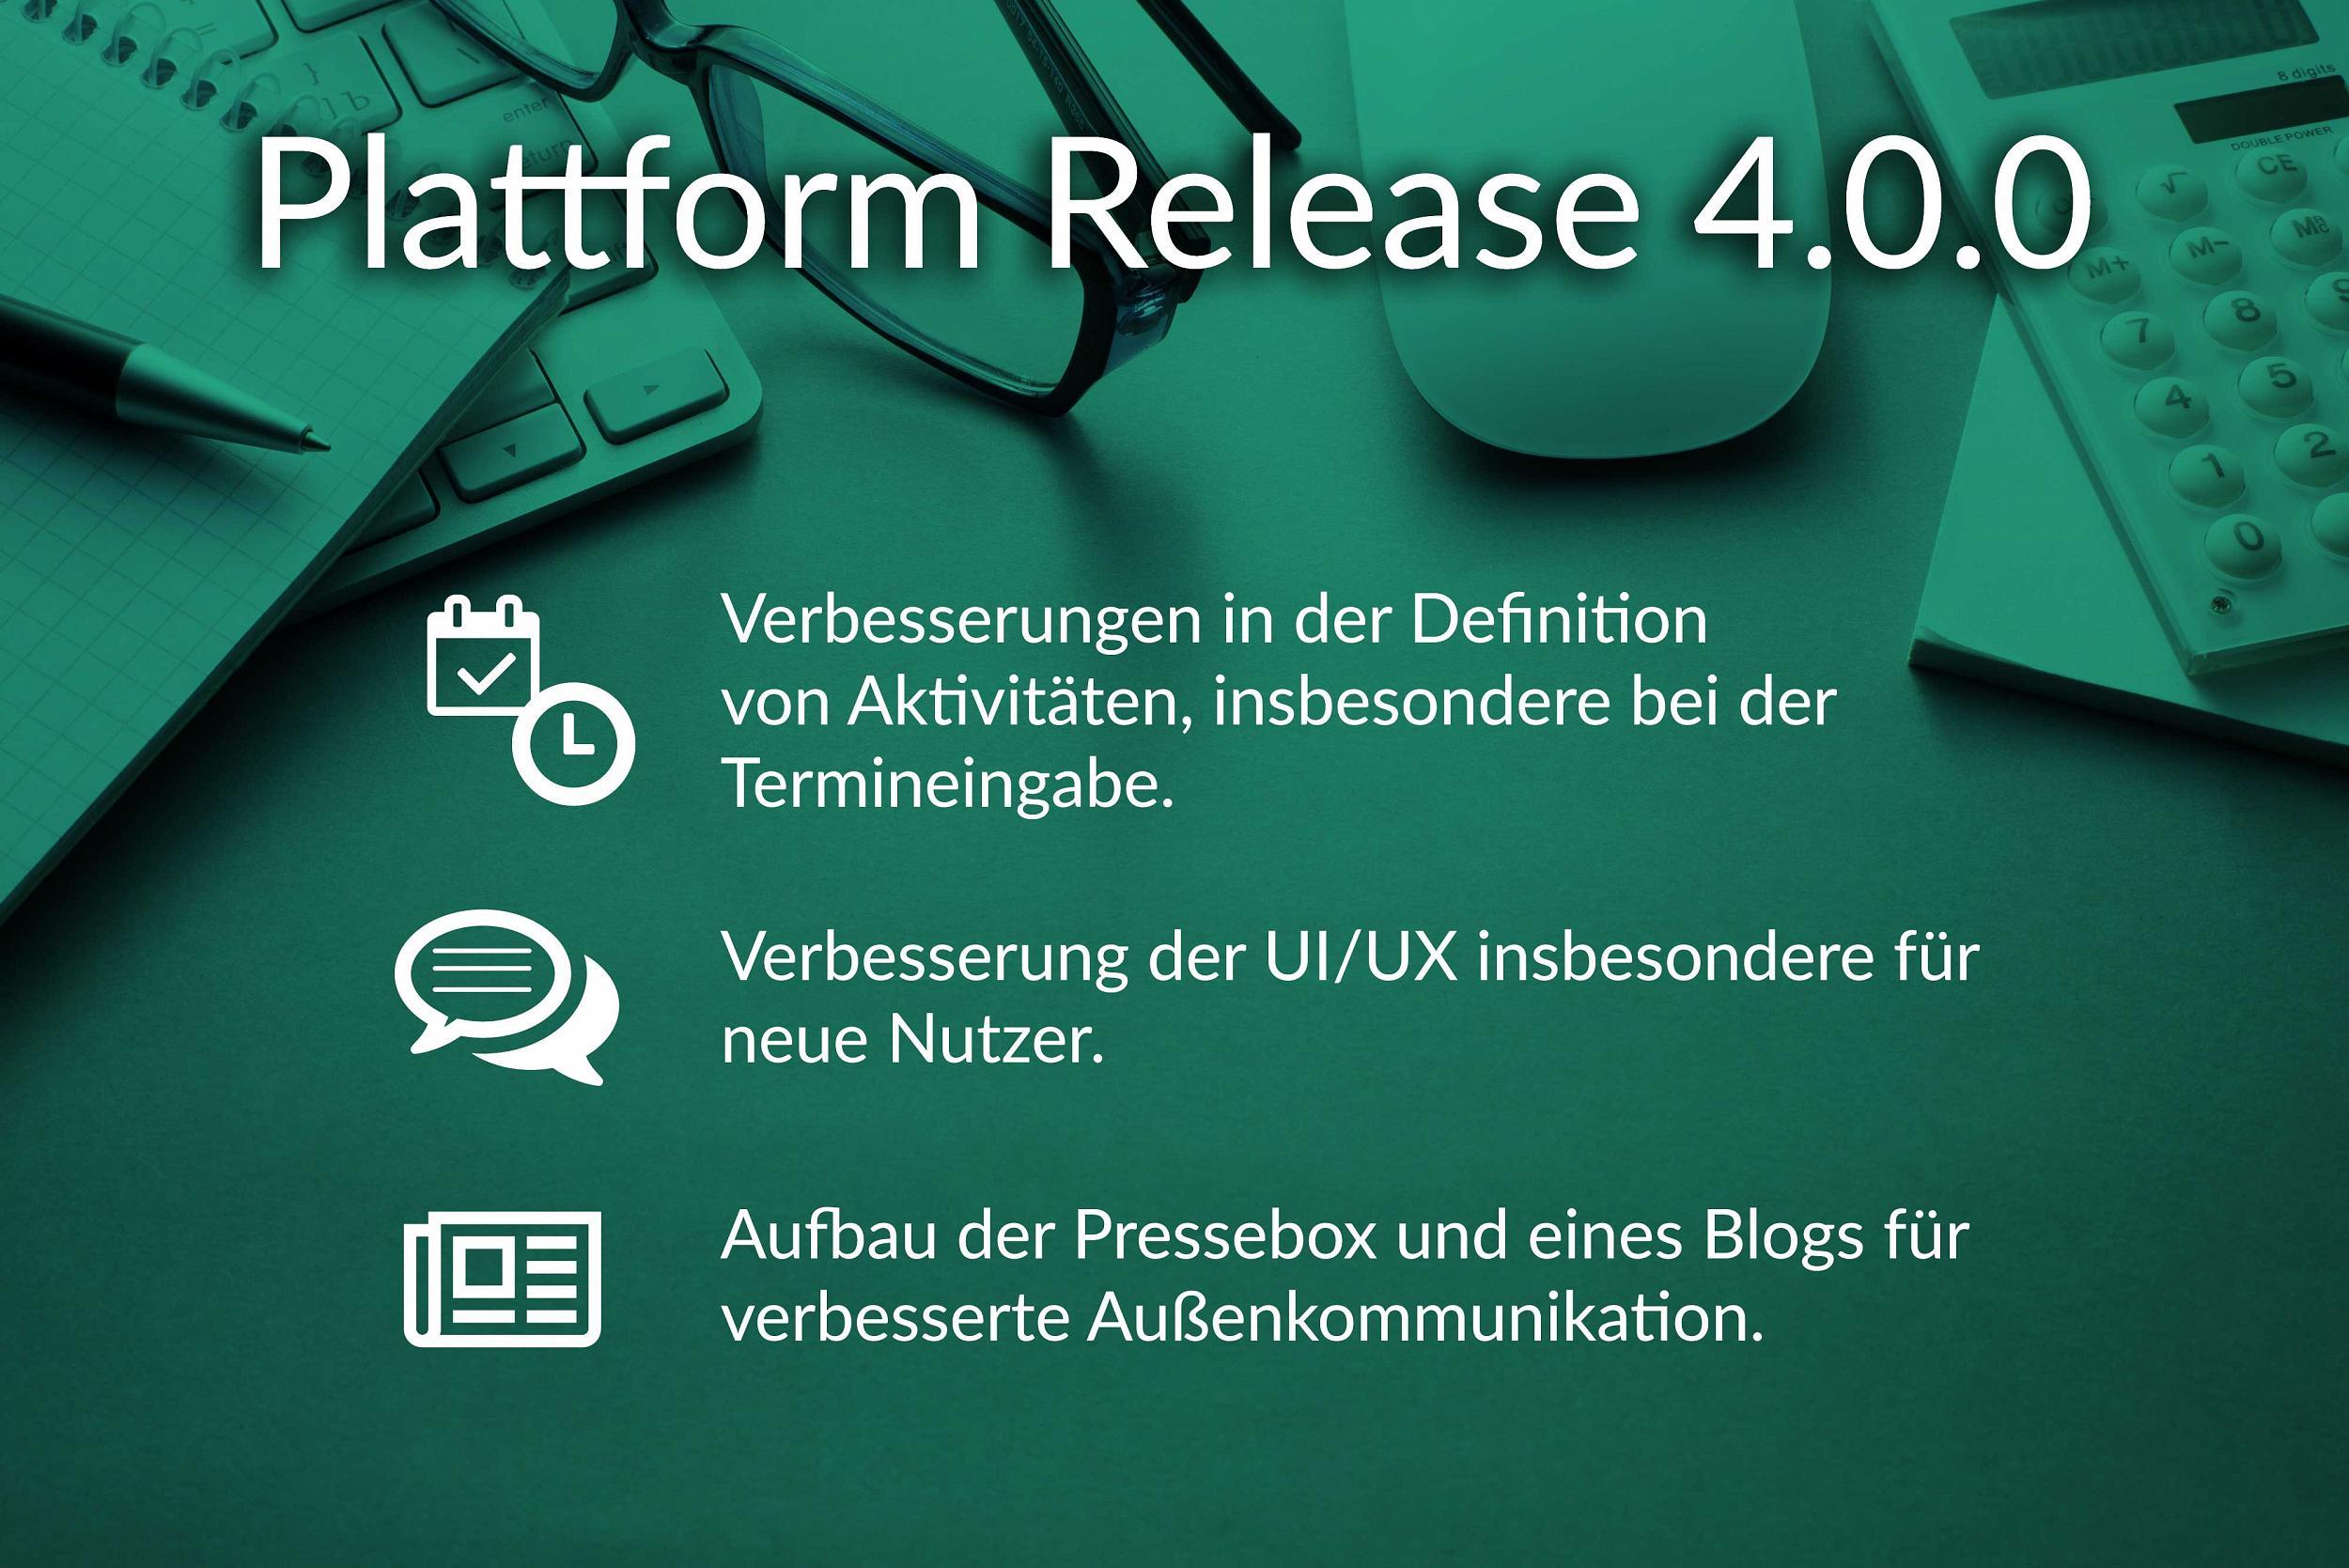 GroopDoo Plattform Release 4.0.0.